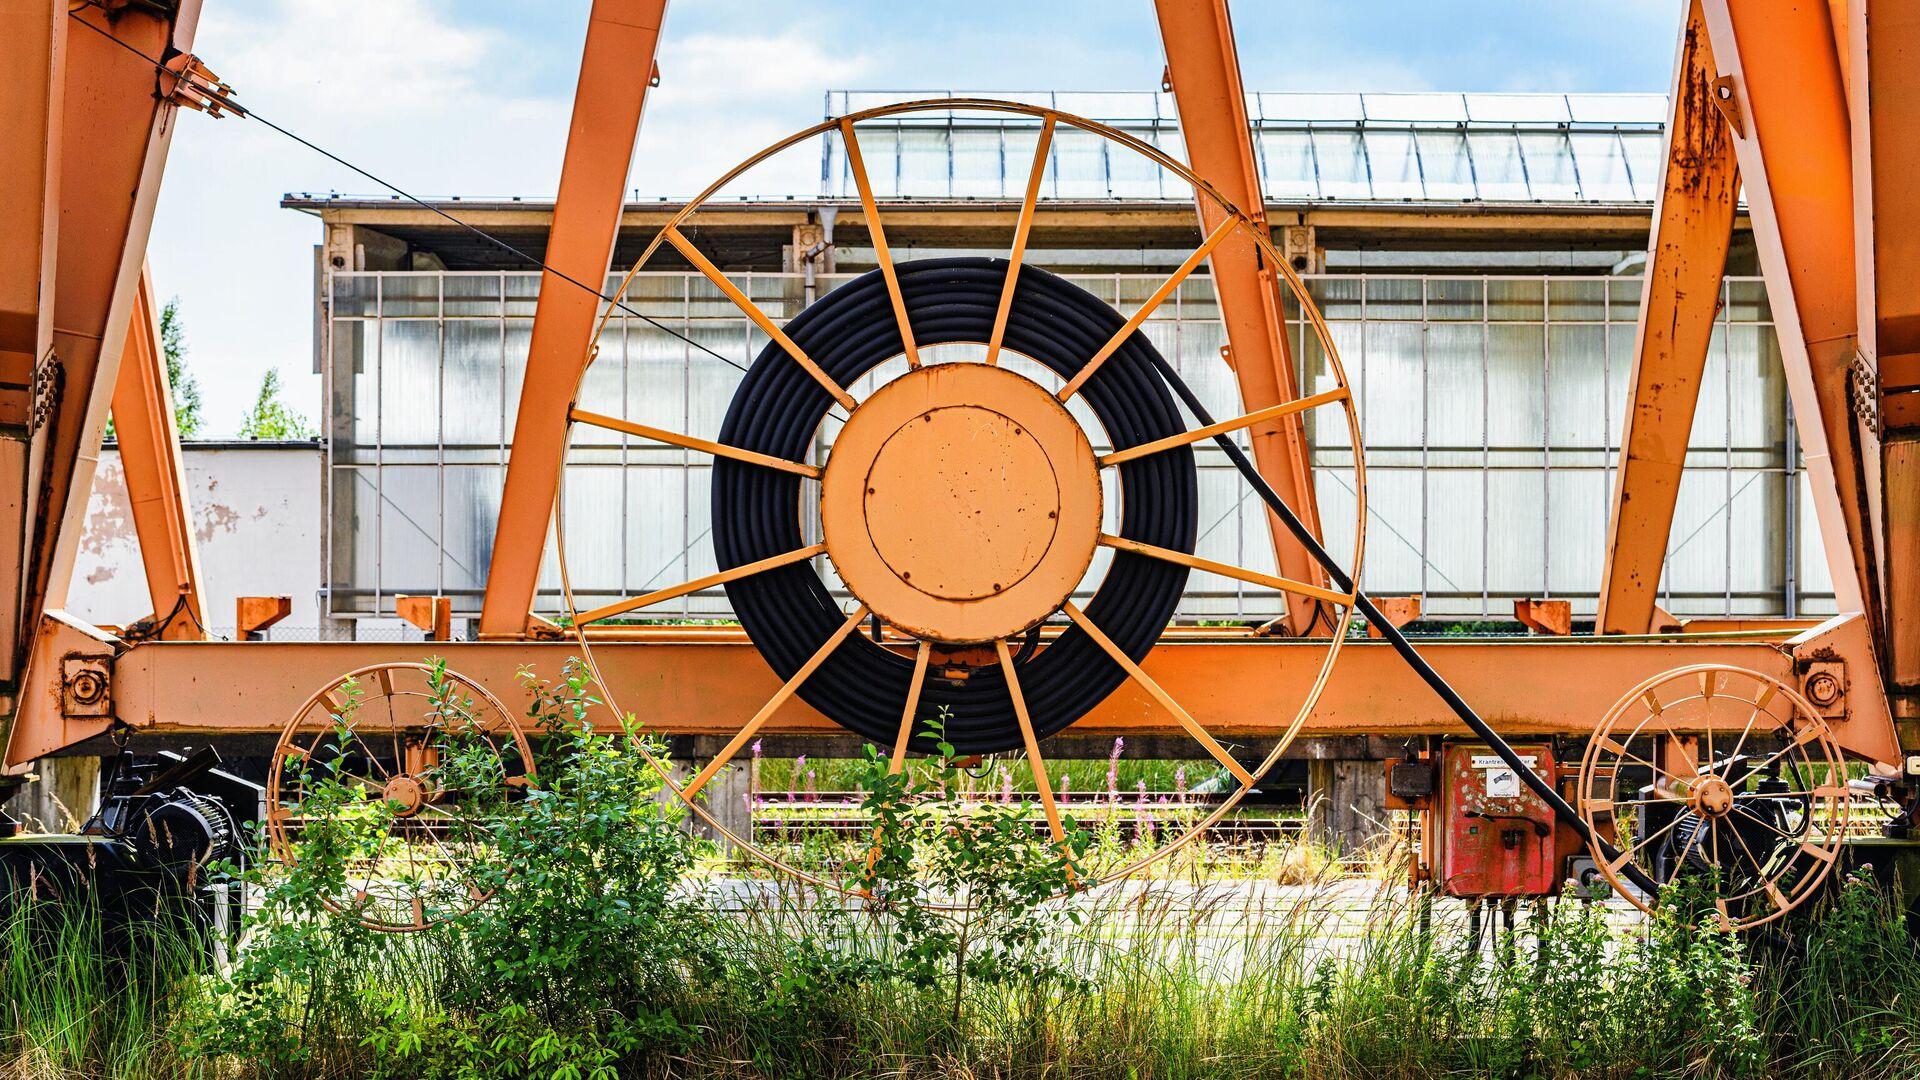 Кабельный барабан на козловом кране в немецком порту Мукран на острове Рюген - РИА Новости, 1920, 11.08.2021